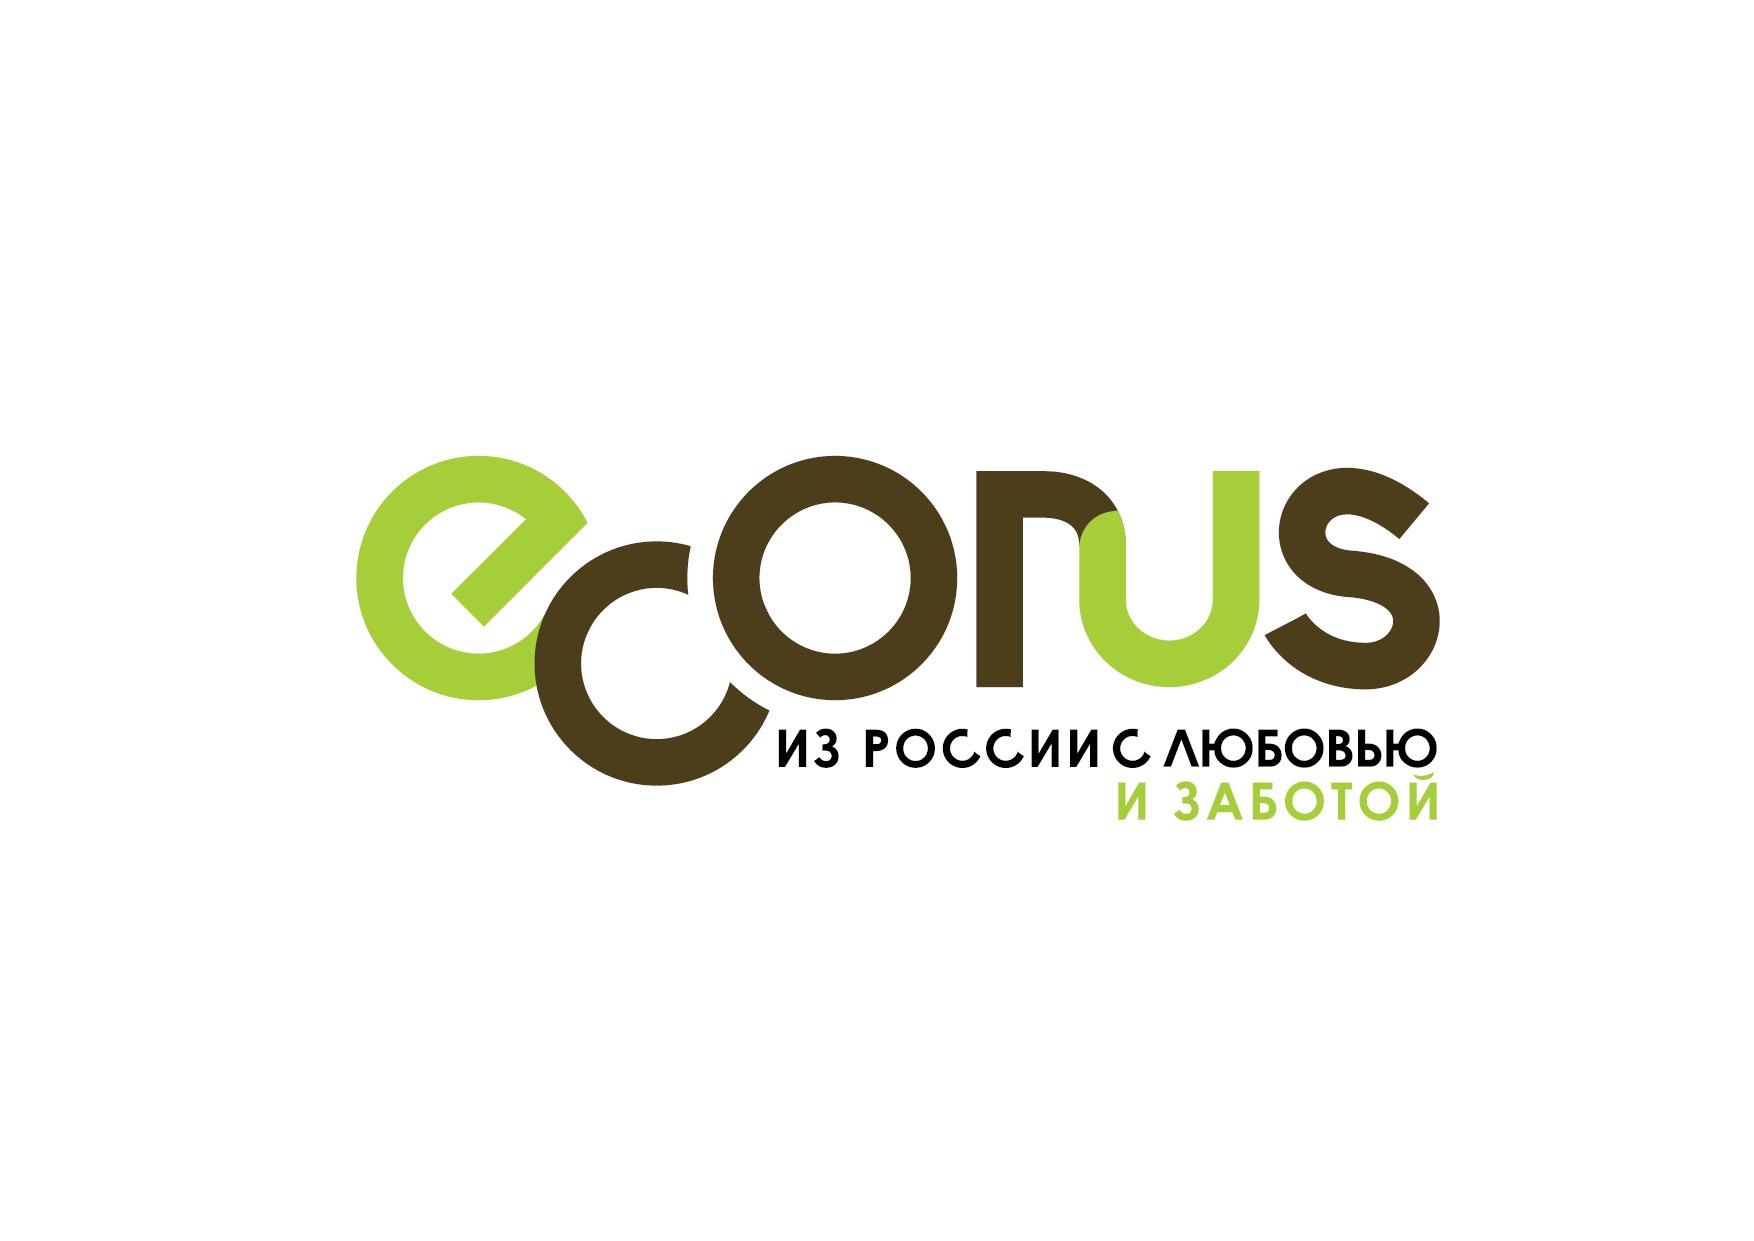 Логотип для поставщика продуктов питания из России в Китай фото f_7665ea7fc516fcc2.jpg